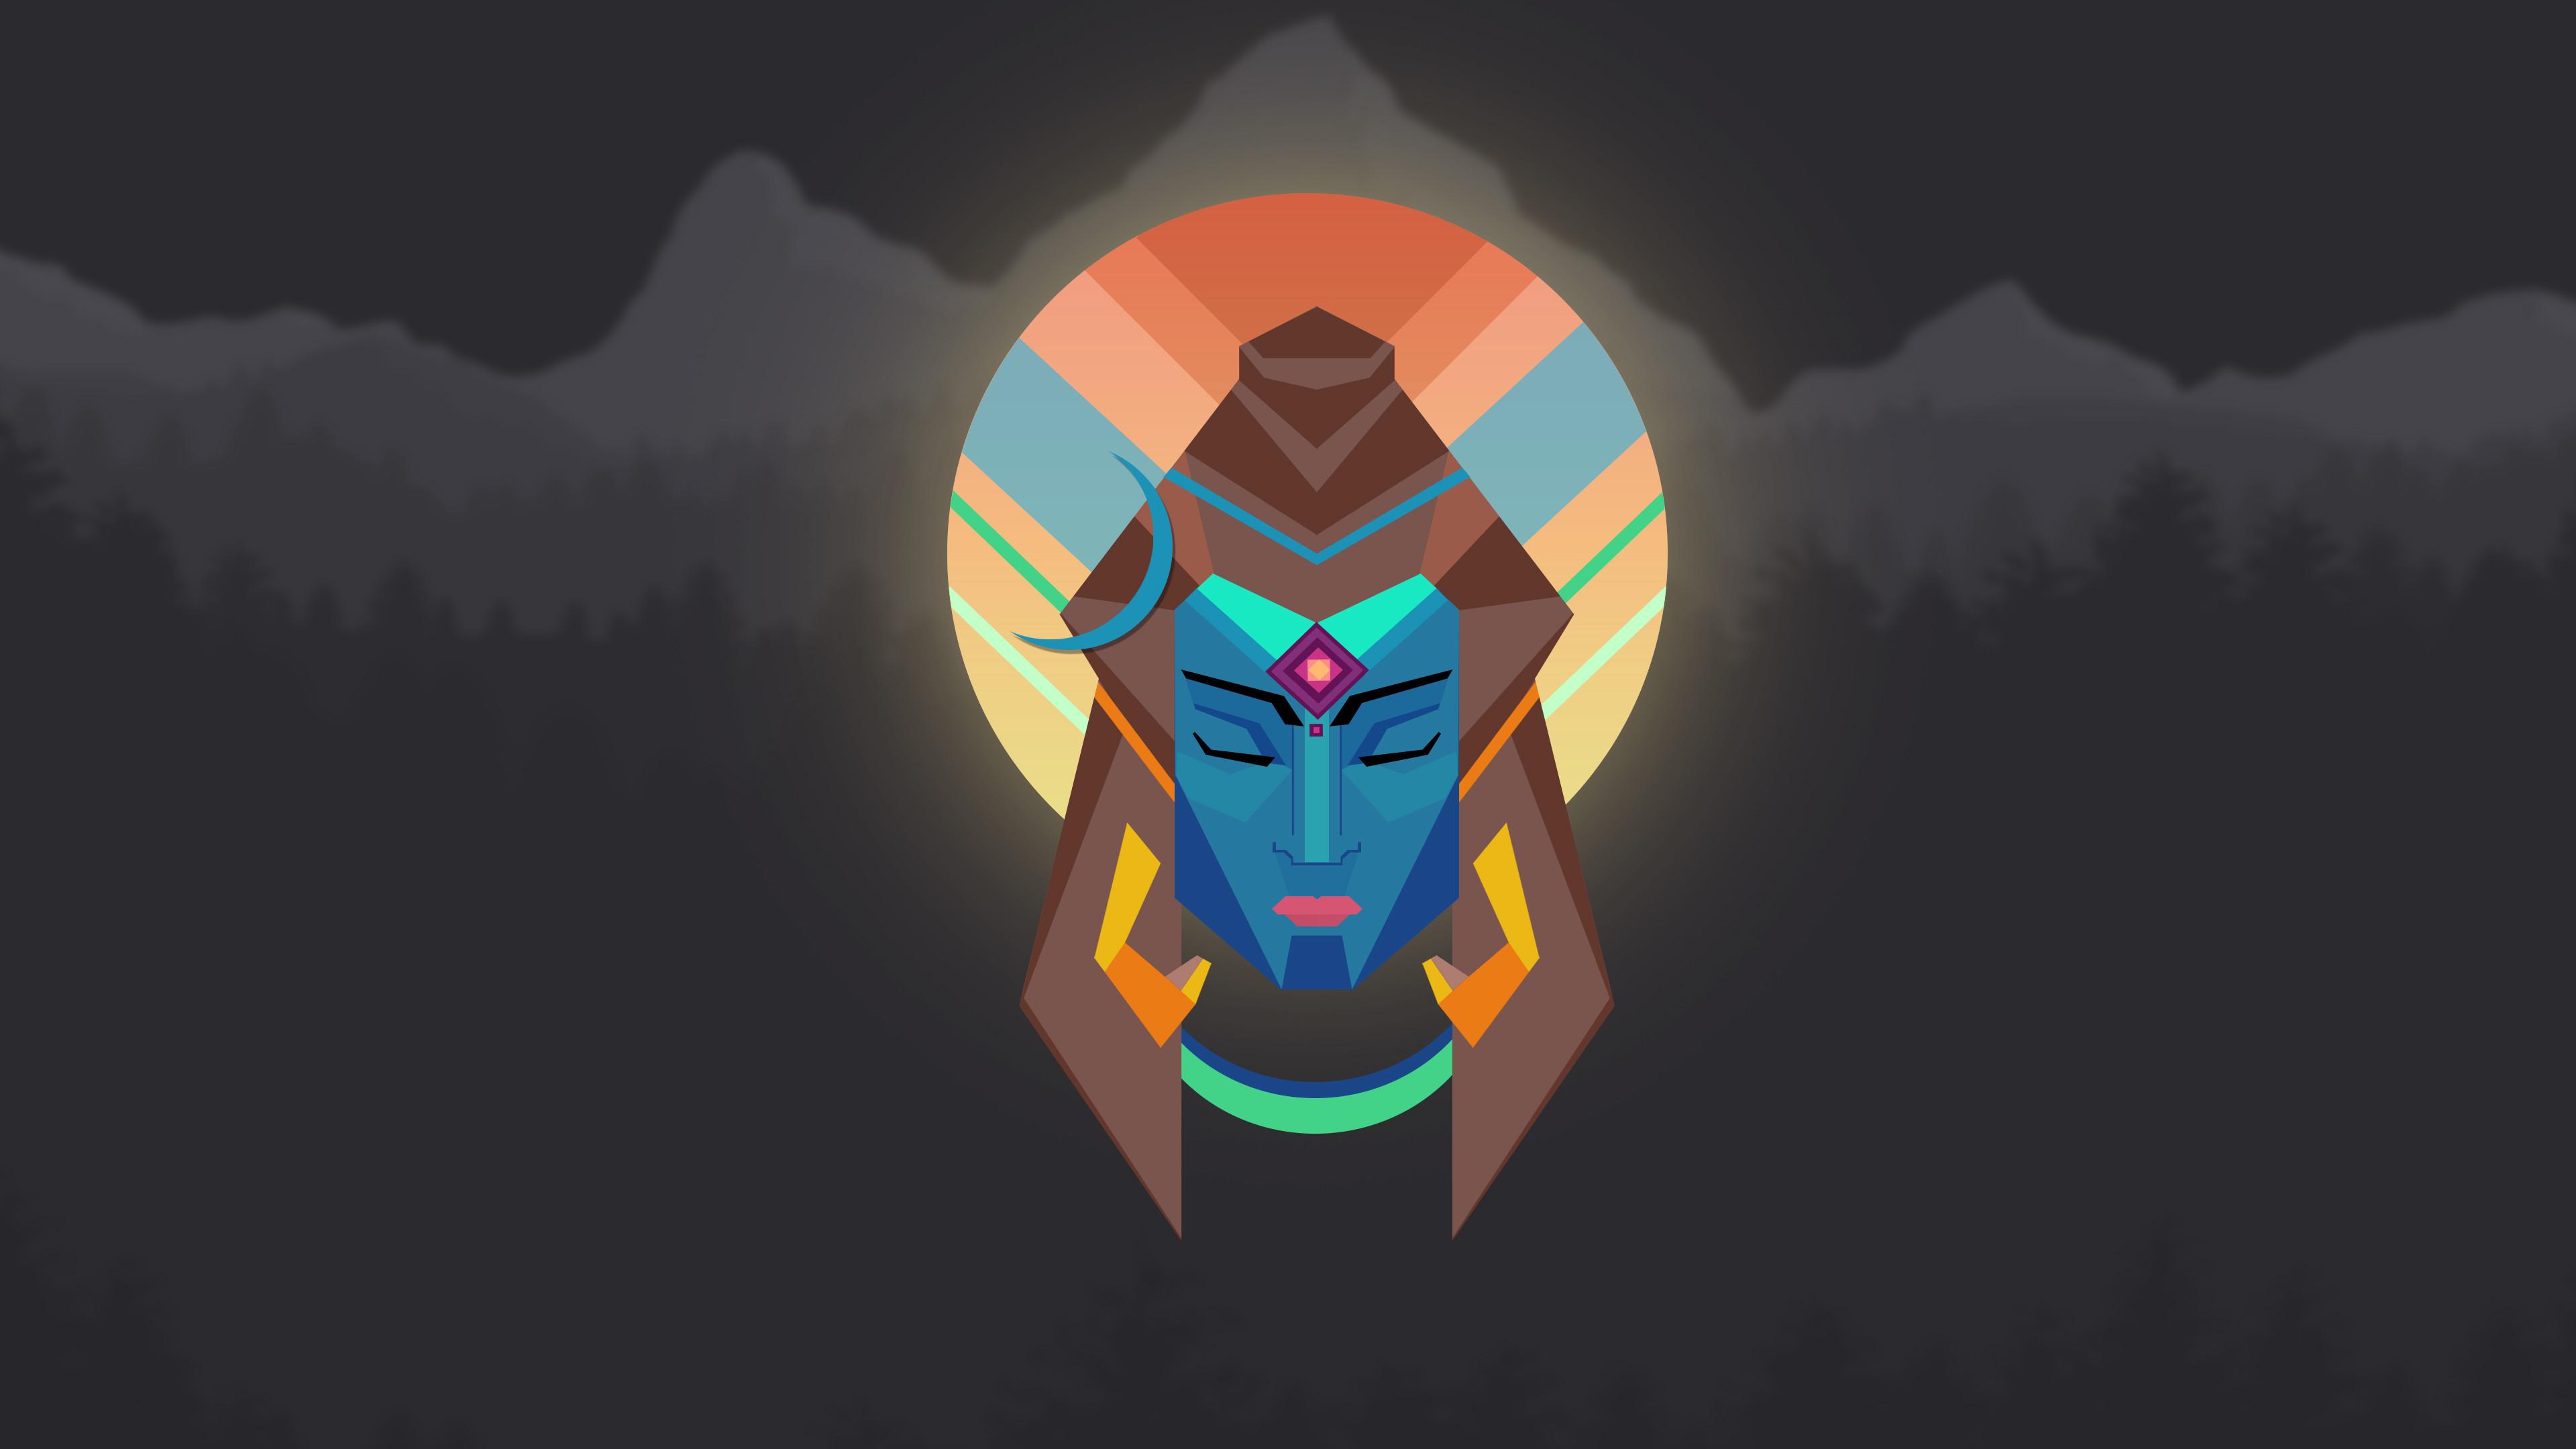 Res: 3840x2160, Lord Shiva Minimal Wallpaper - 4K